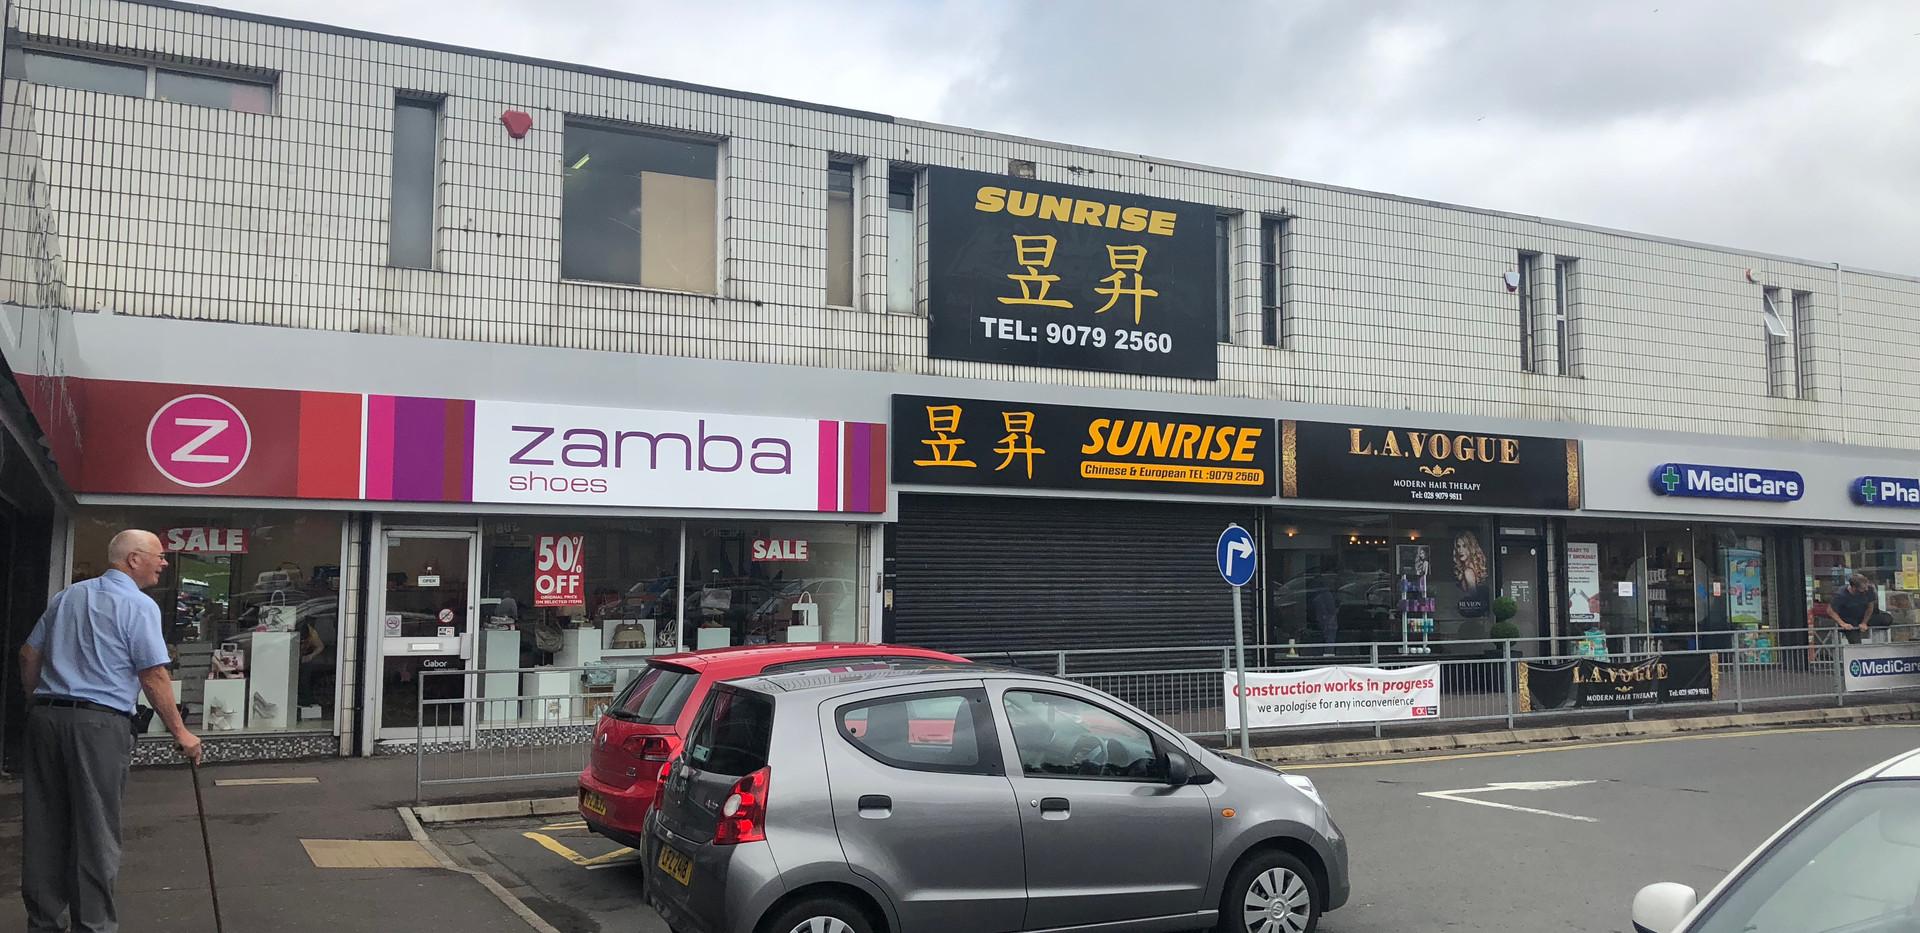 Kings Square Shopping Centre 2.jpg